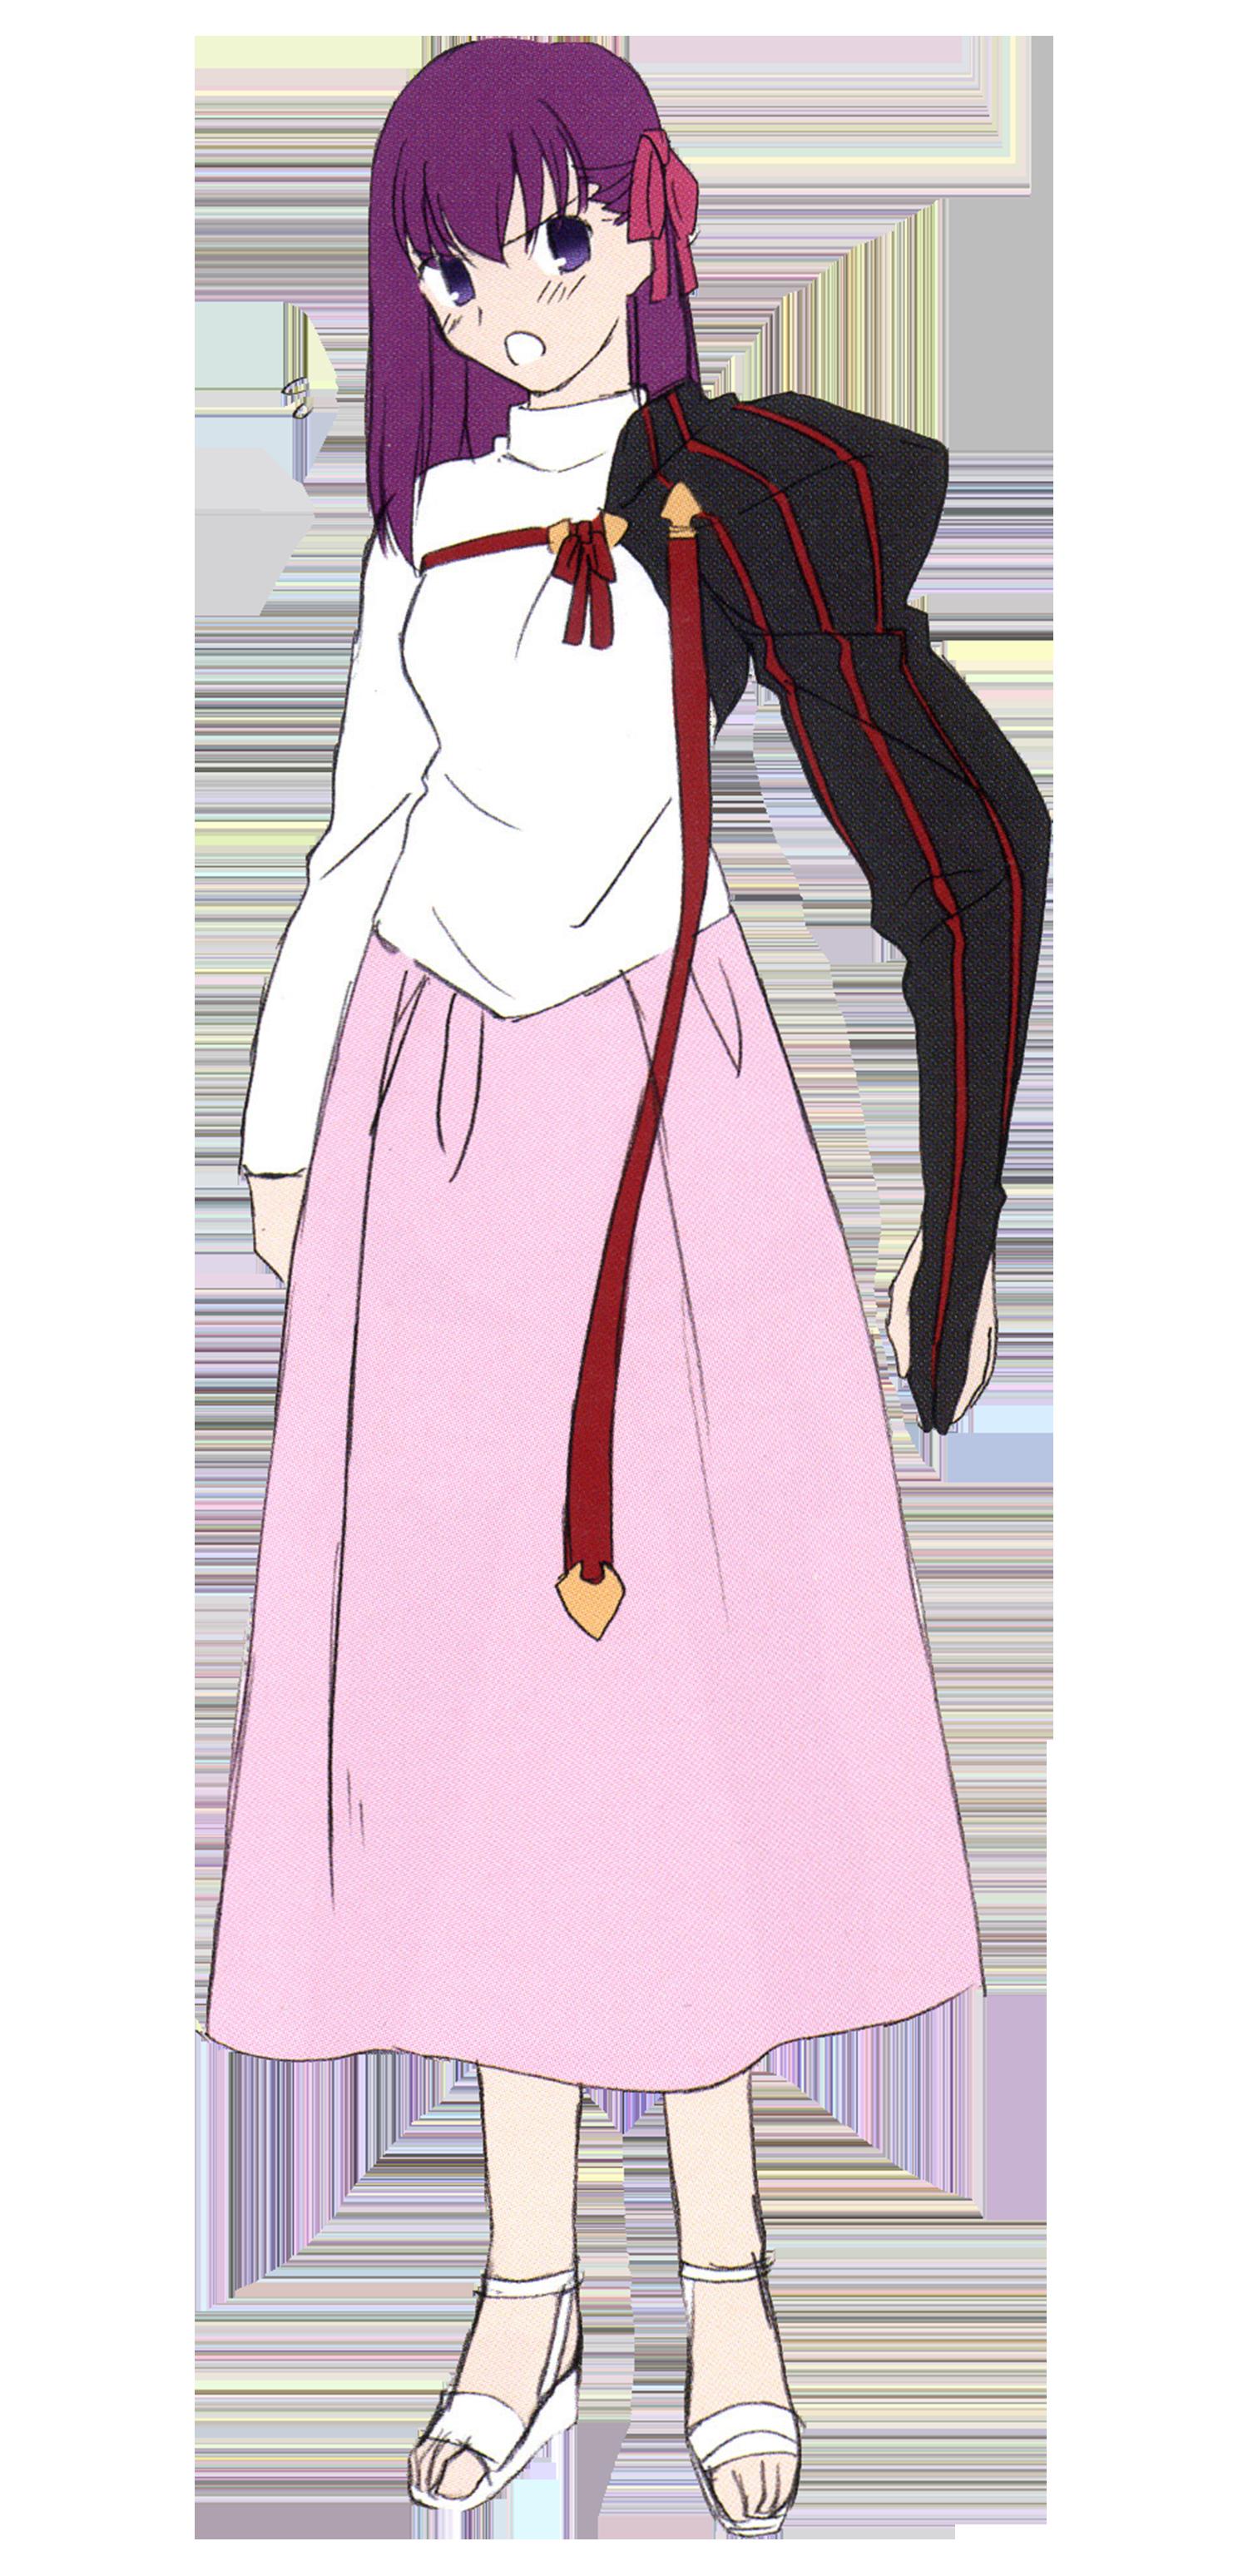 Sakura Matou | TYPE-MOON Wiki | FANDOM powered by Wikia